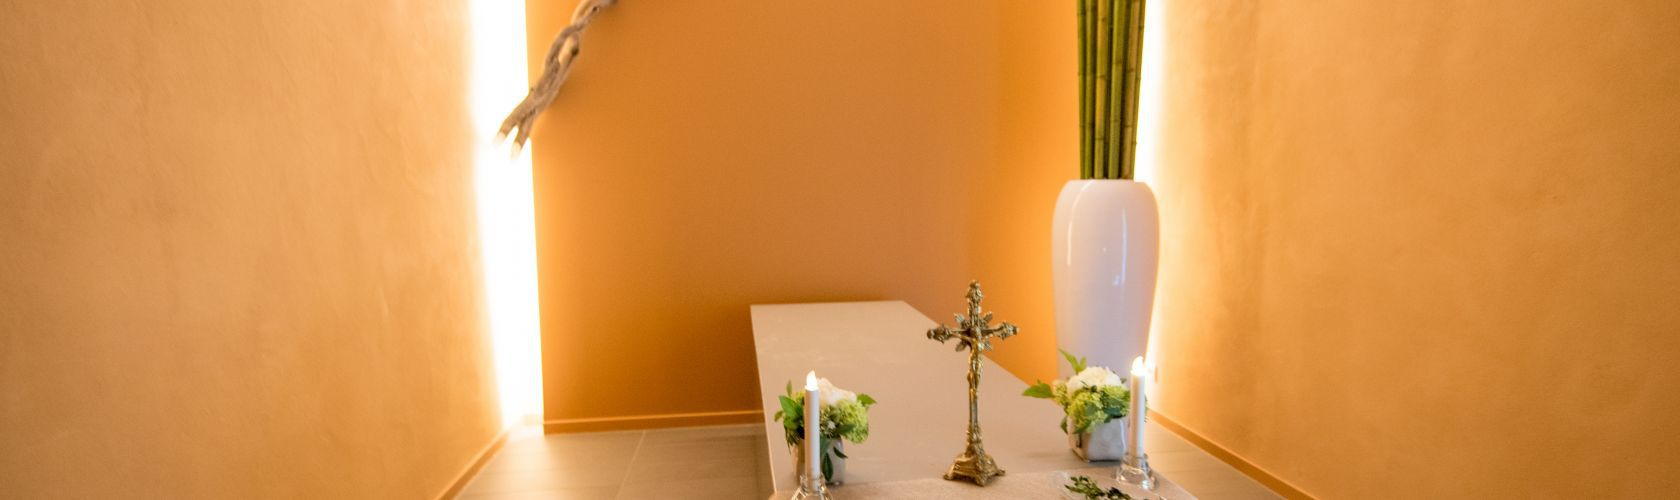 Pompes funèbres Funérader - Salon funéraire